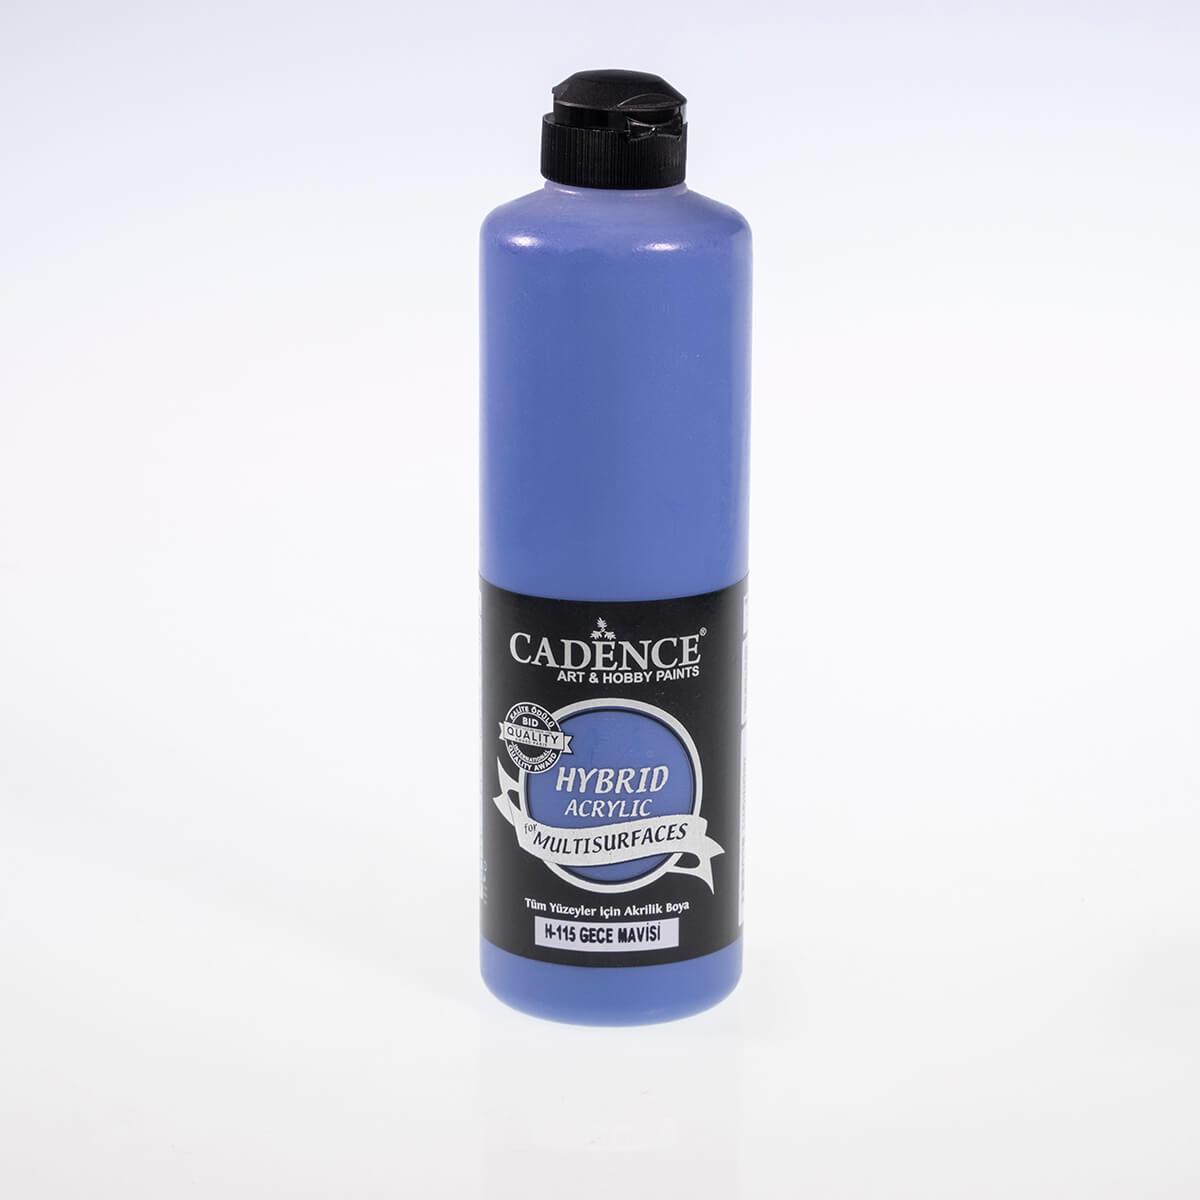 Gece Mavisi Cadence Multisurface Akrilik Boya H115 - 500 ML